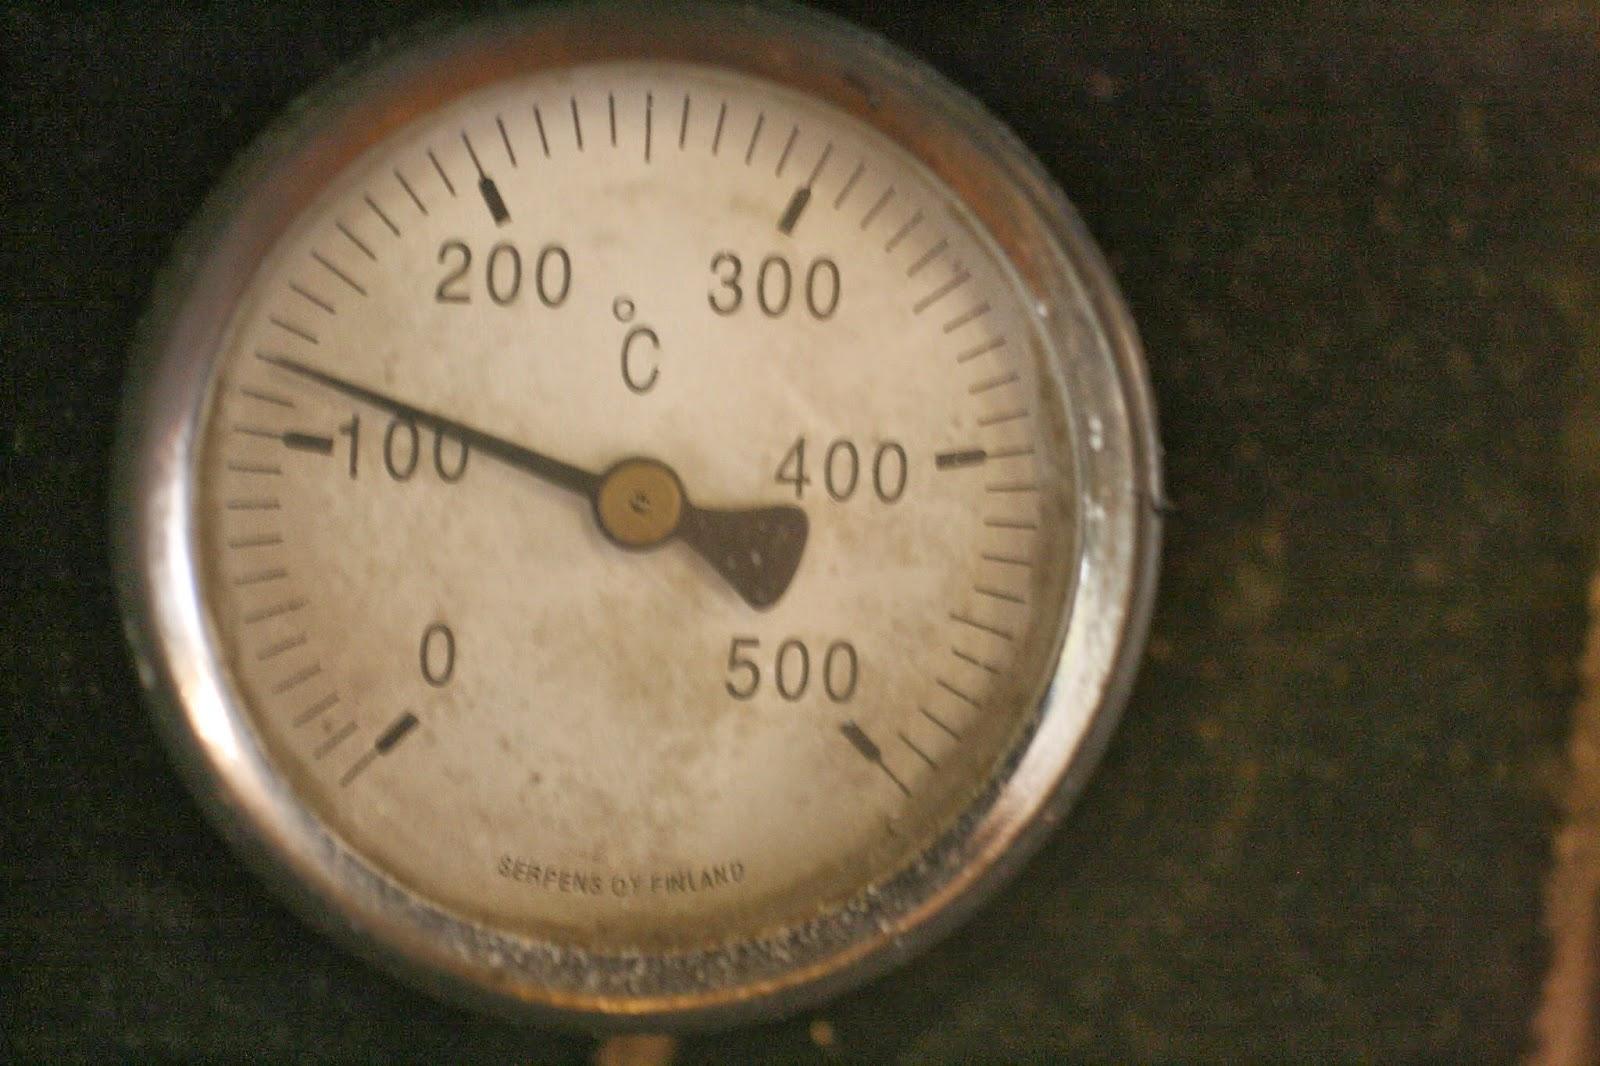 Leivinuunin Lämpömittari